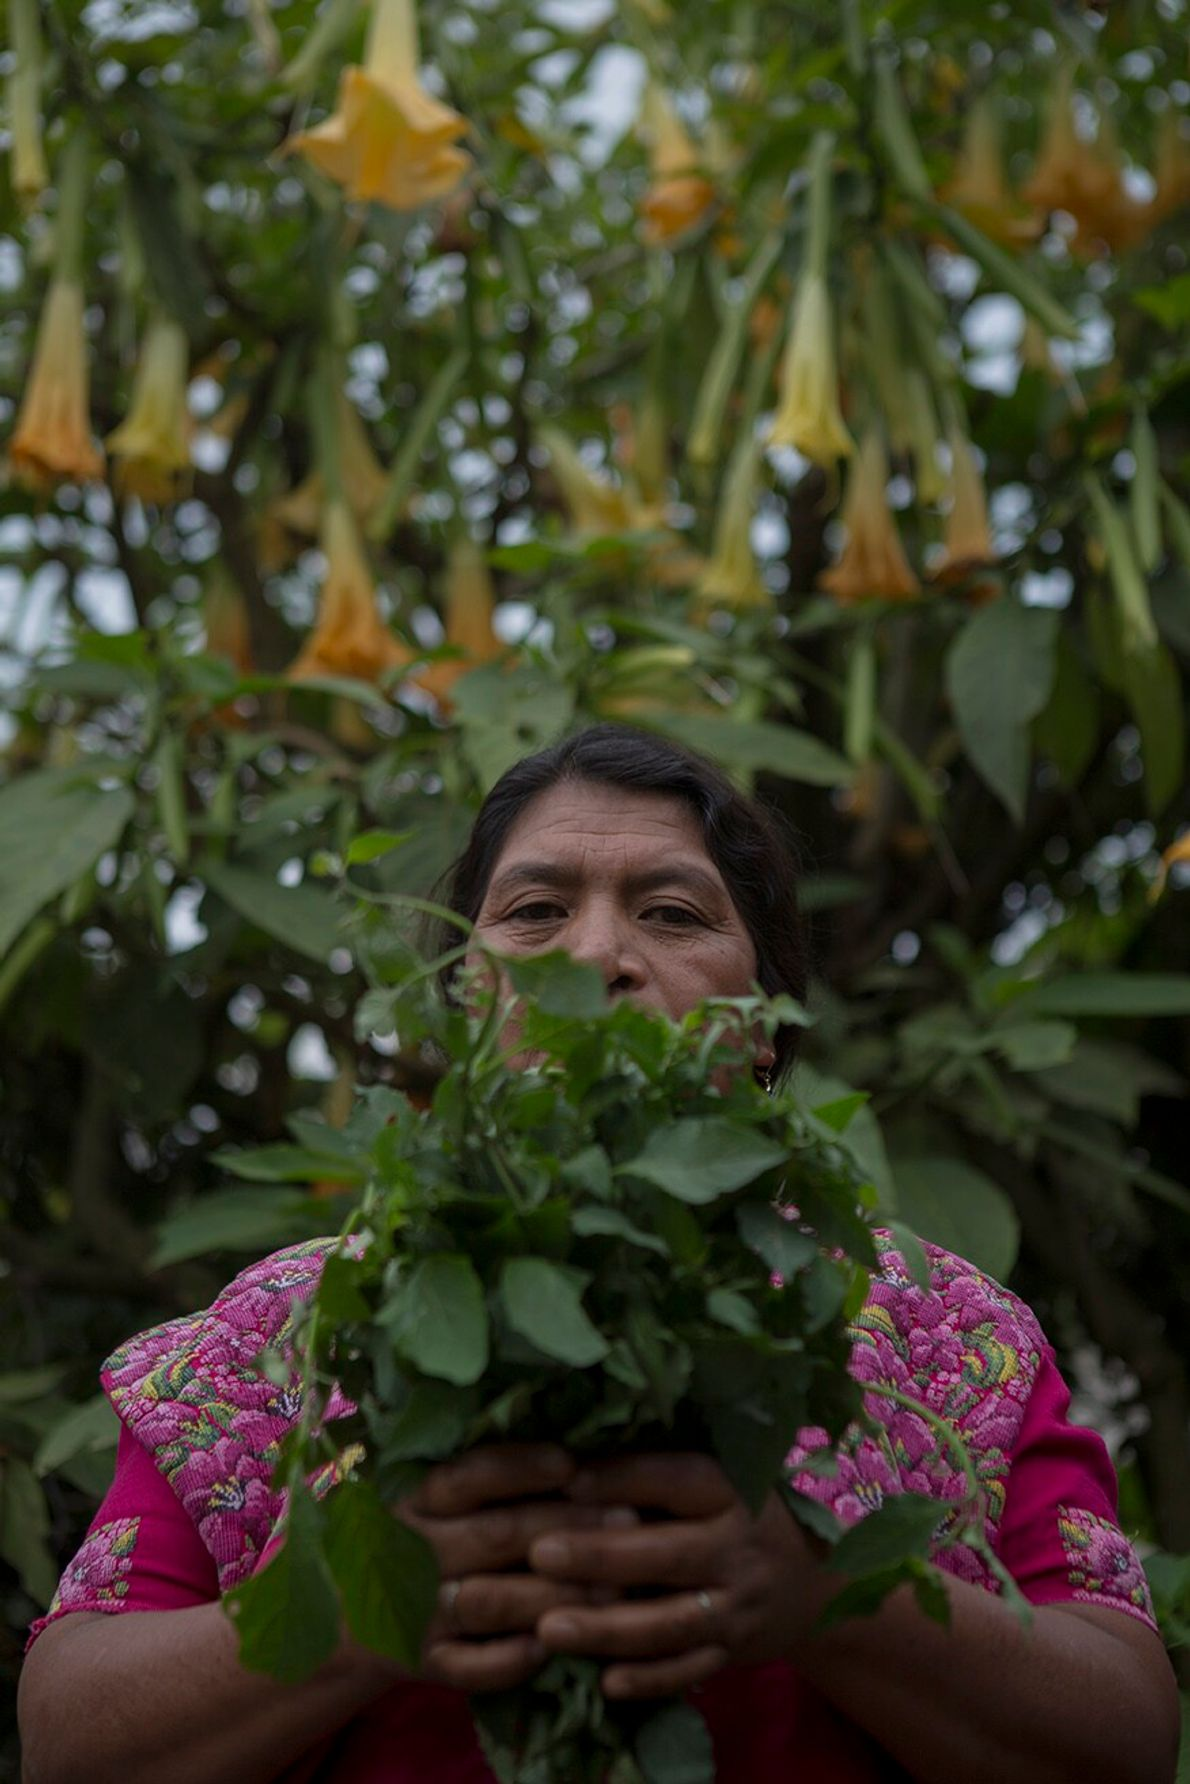 Retrato de Doña Pancha Telón Quex, una mujer indígena que cosecha en su huerta orgánica y ...